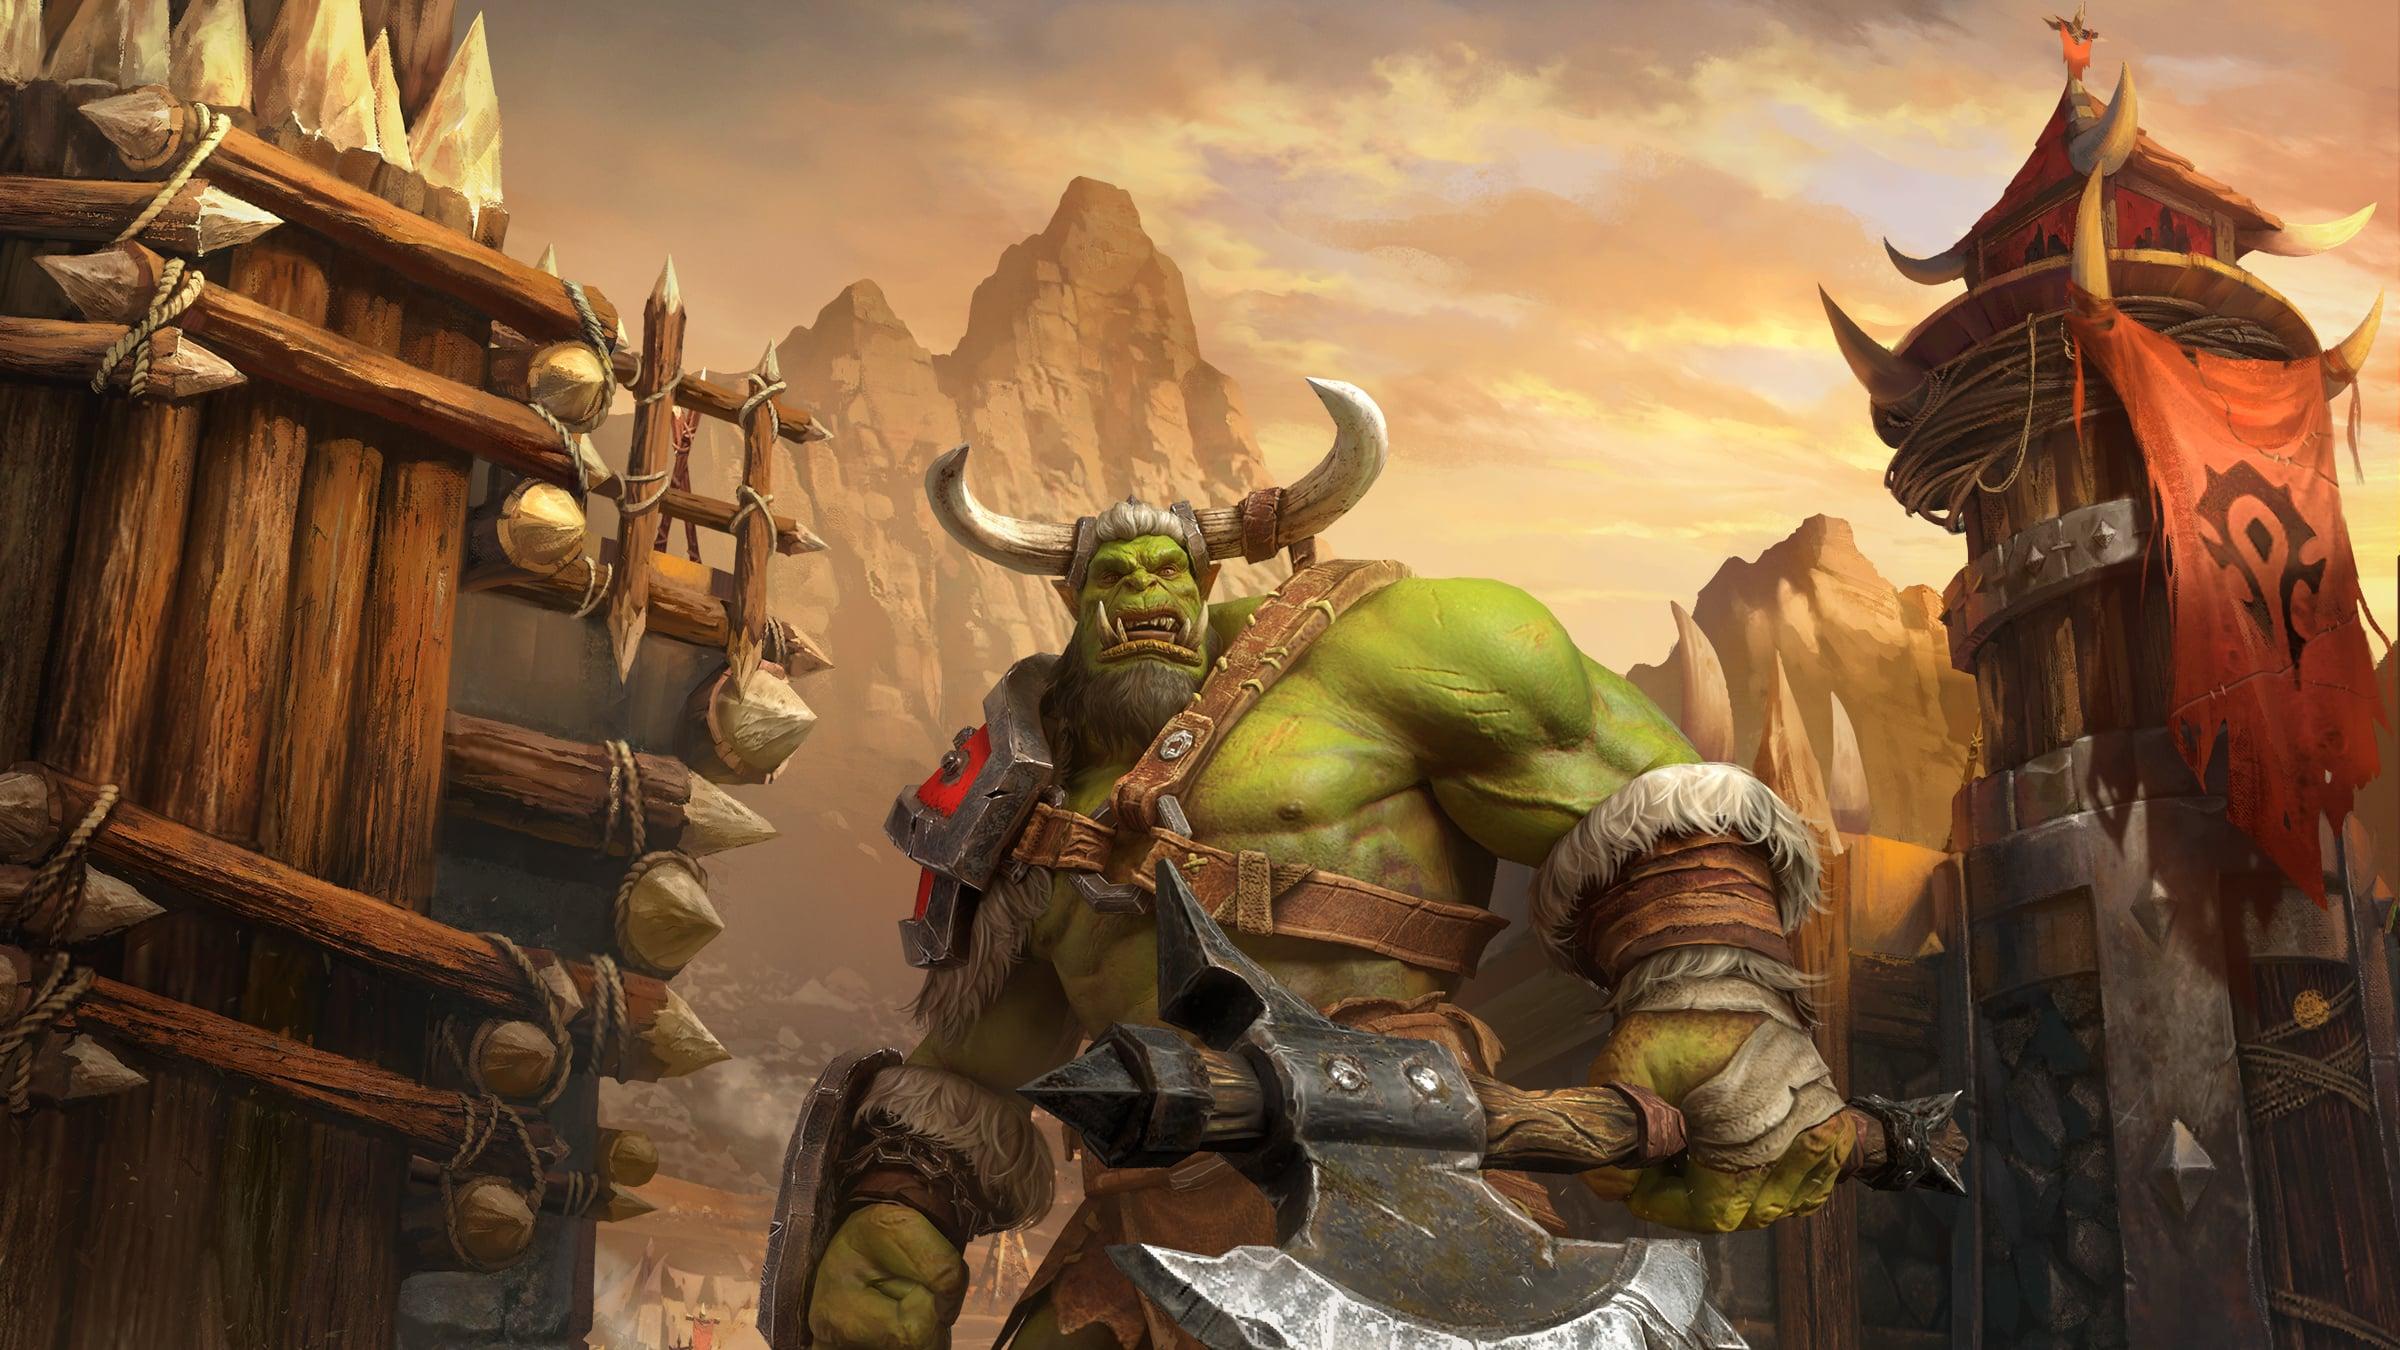 У Warcraft III: Reforged самые низкие оценки пользователей в истории Metacritic